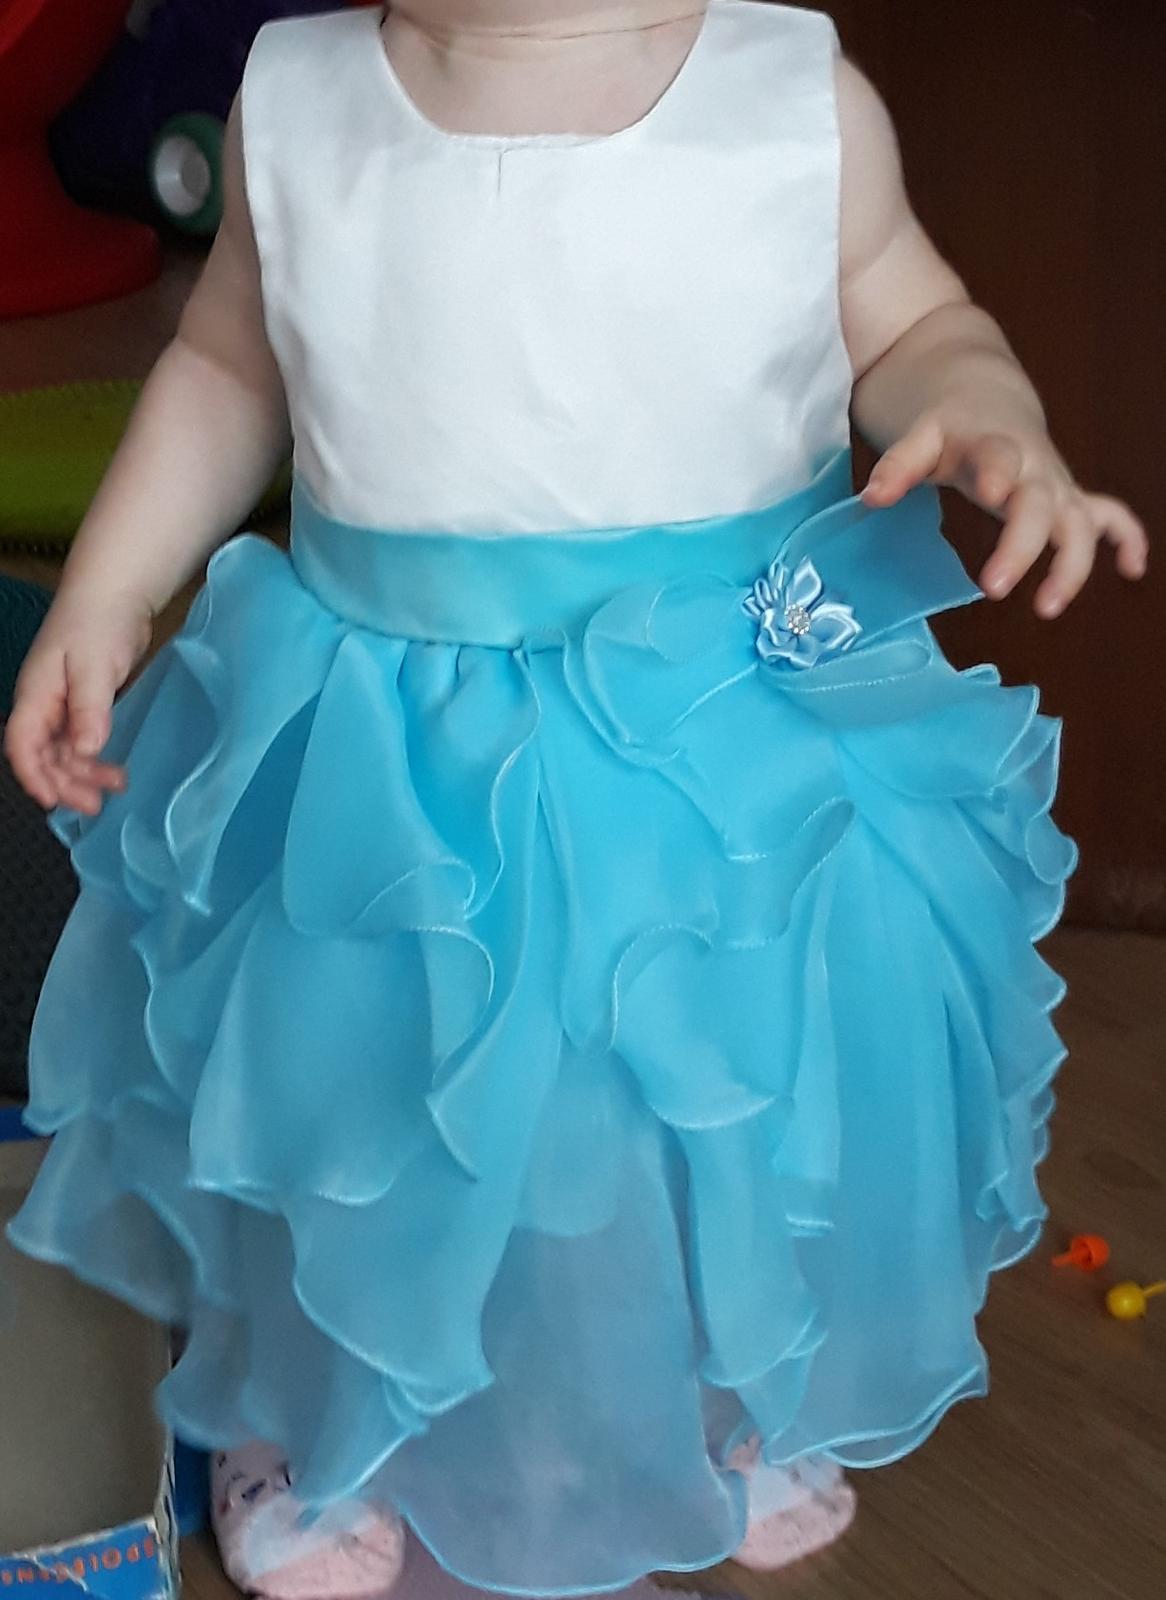 šaty pro princeznu od 8 měsíců do 2 let - Obrázek č. 1